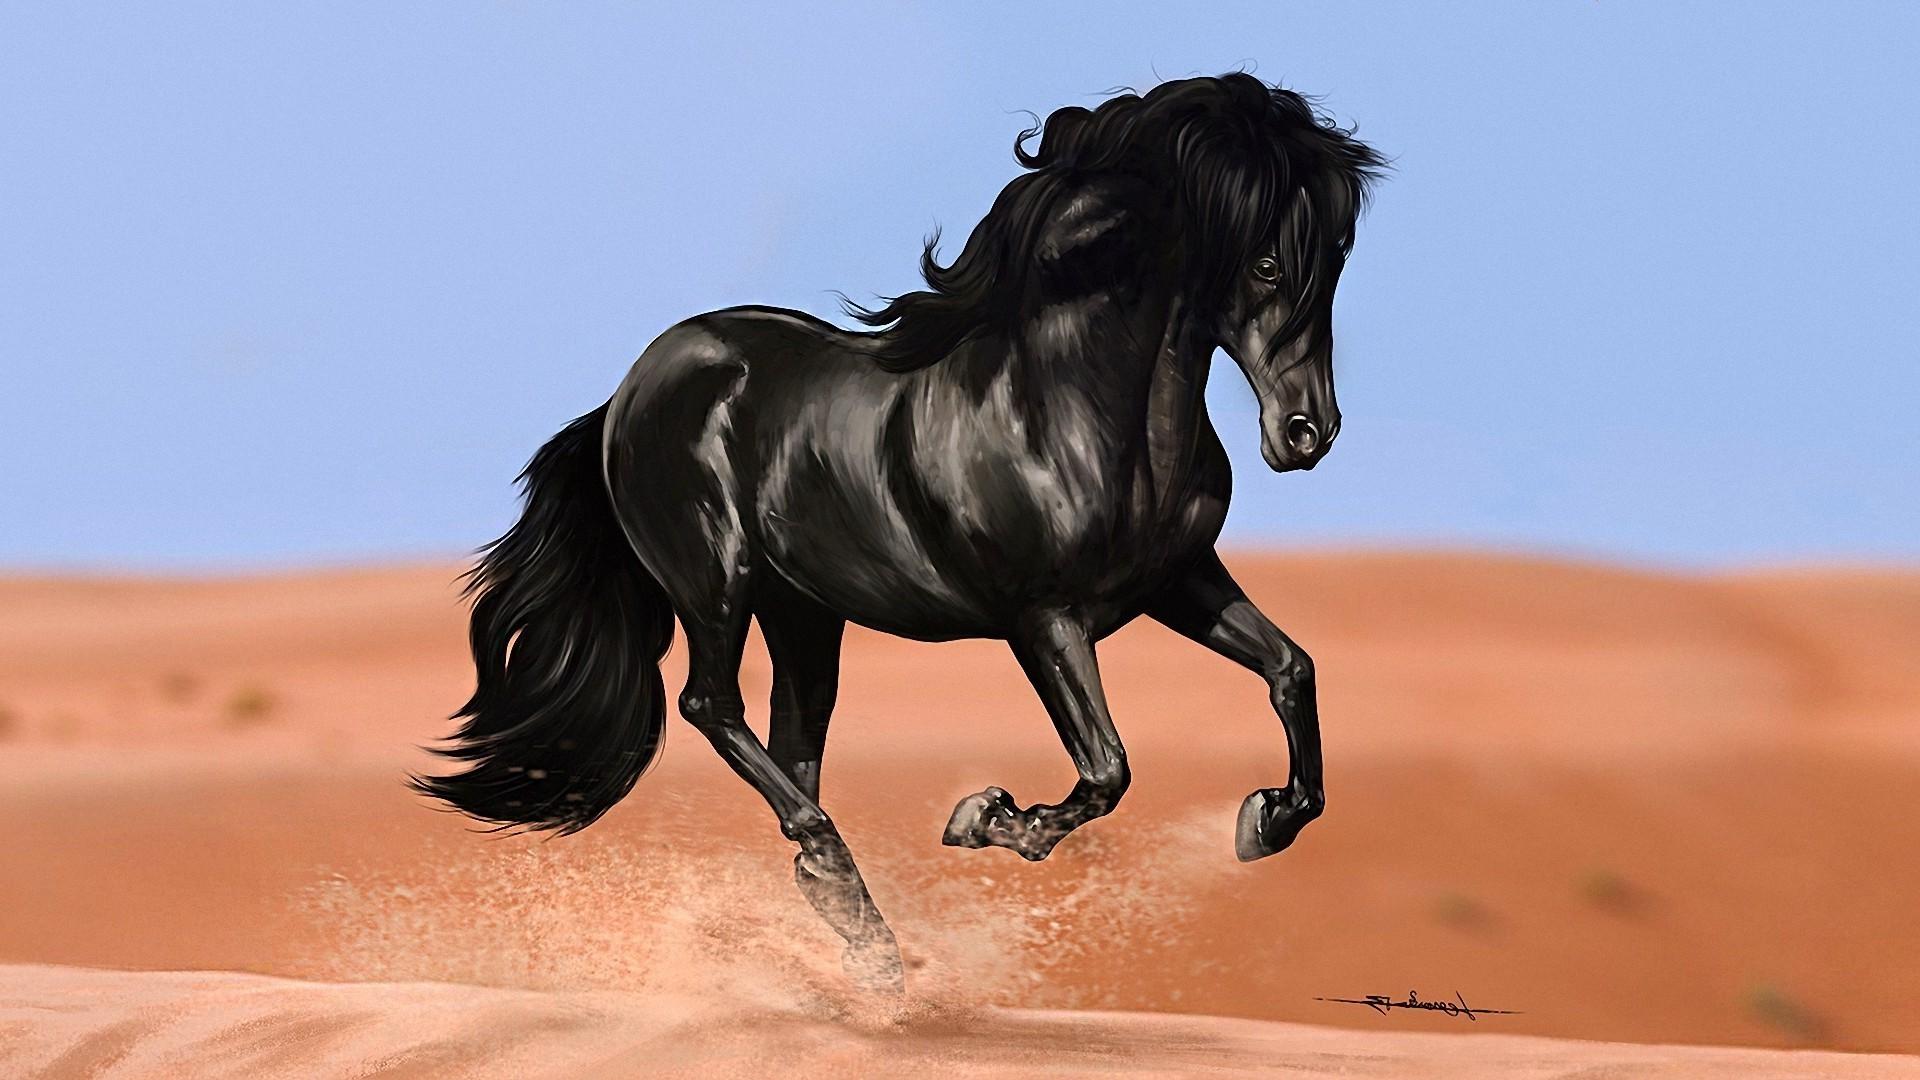 Красивый черный конь — Обои на рабочий стол HD качества | 1080x1920